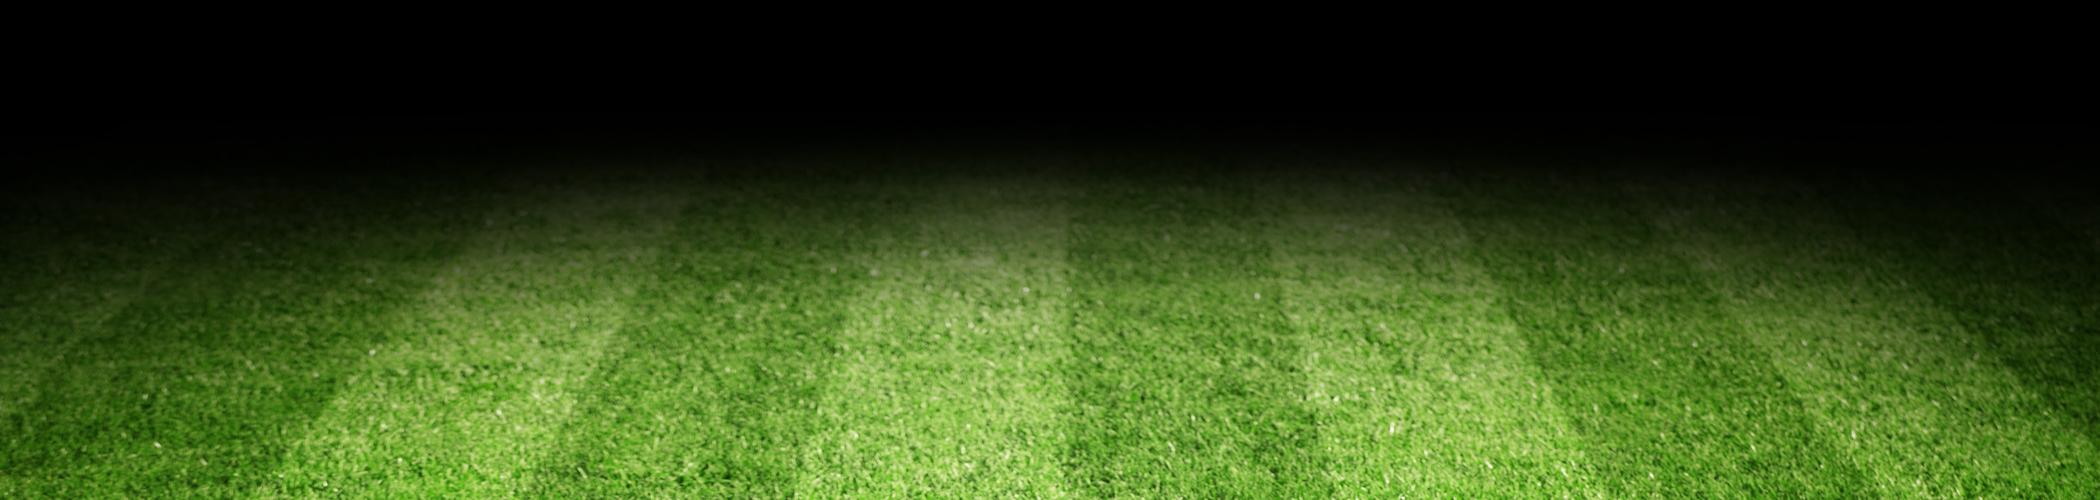 football-field-bg